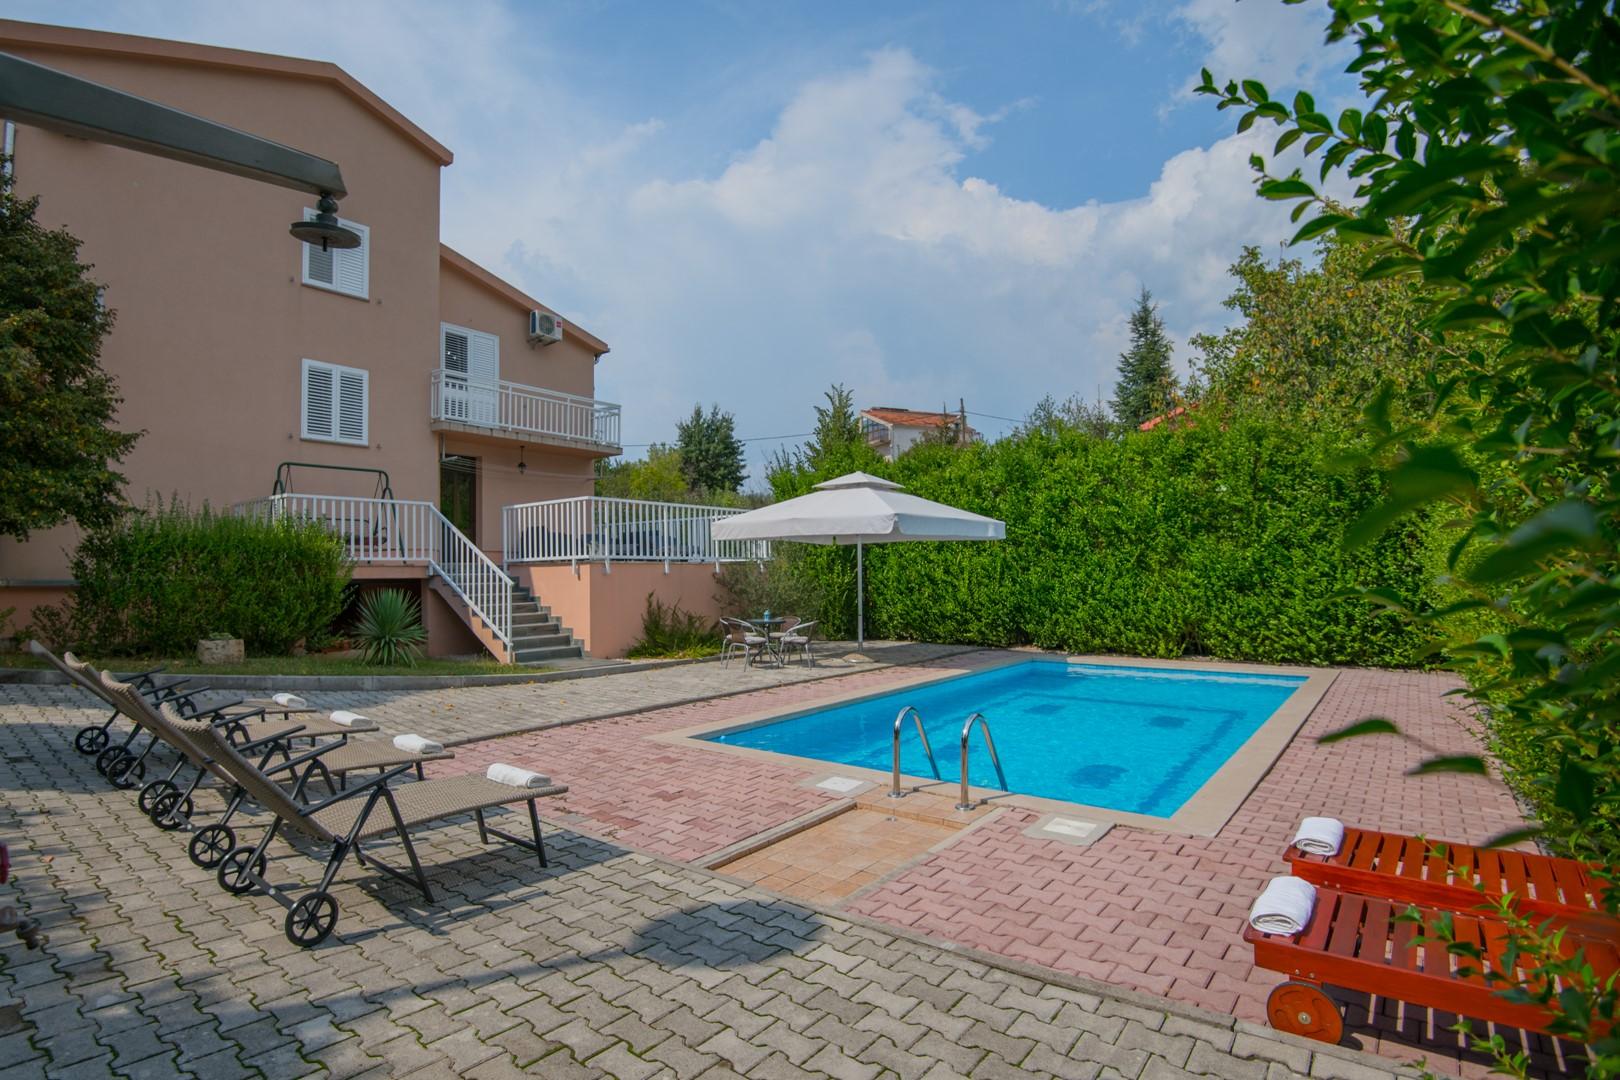 Ferienhaus ctim237 - Ferienhaus mit Pool, 9 Personen (7 Erw. + 2 Kinder), Fußballfeld, Badminton (2613589), Kamenmost, , Dalmatien, Kroatien, Bild 26